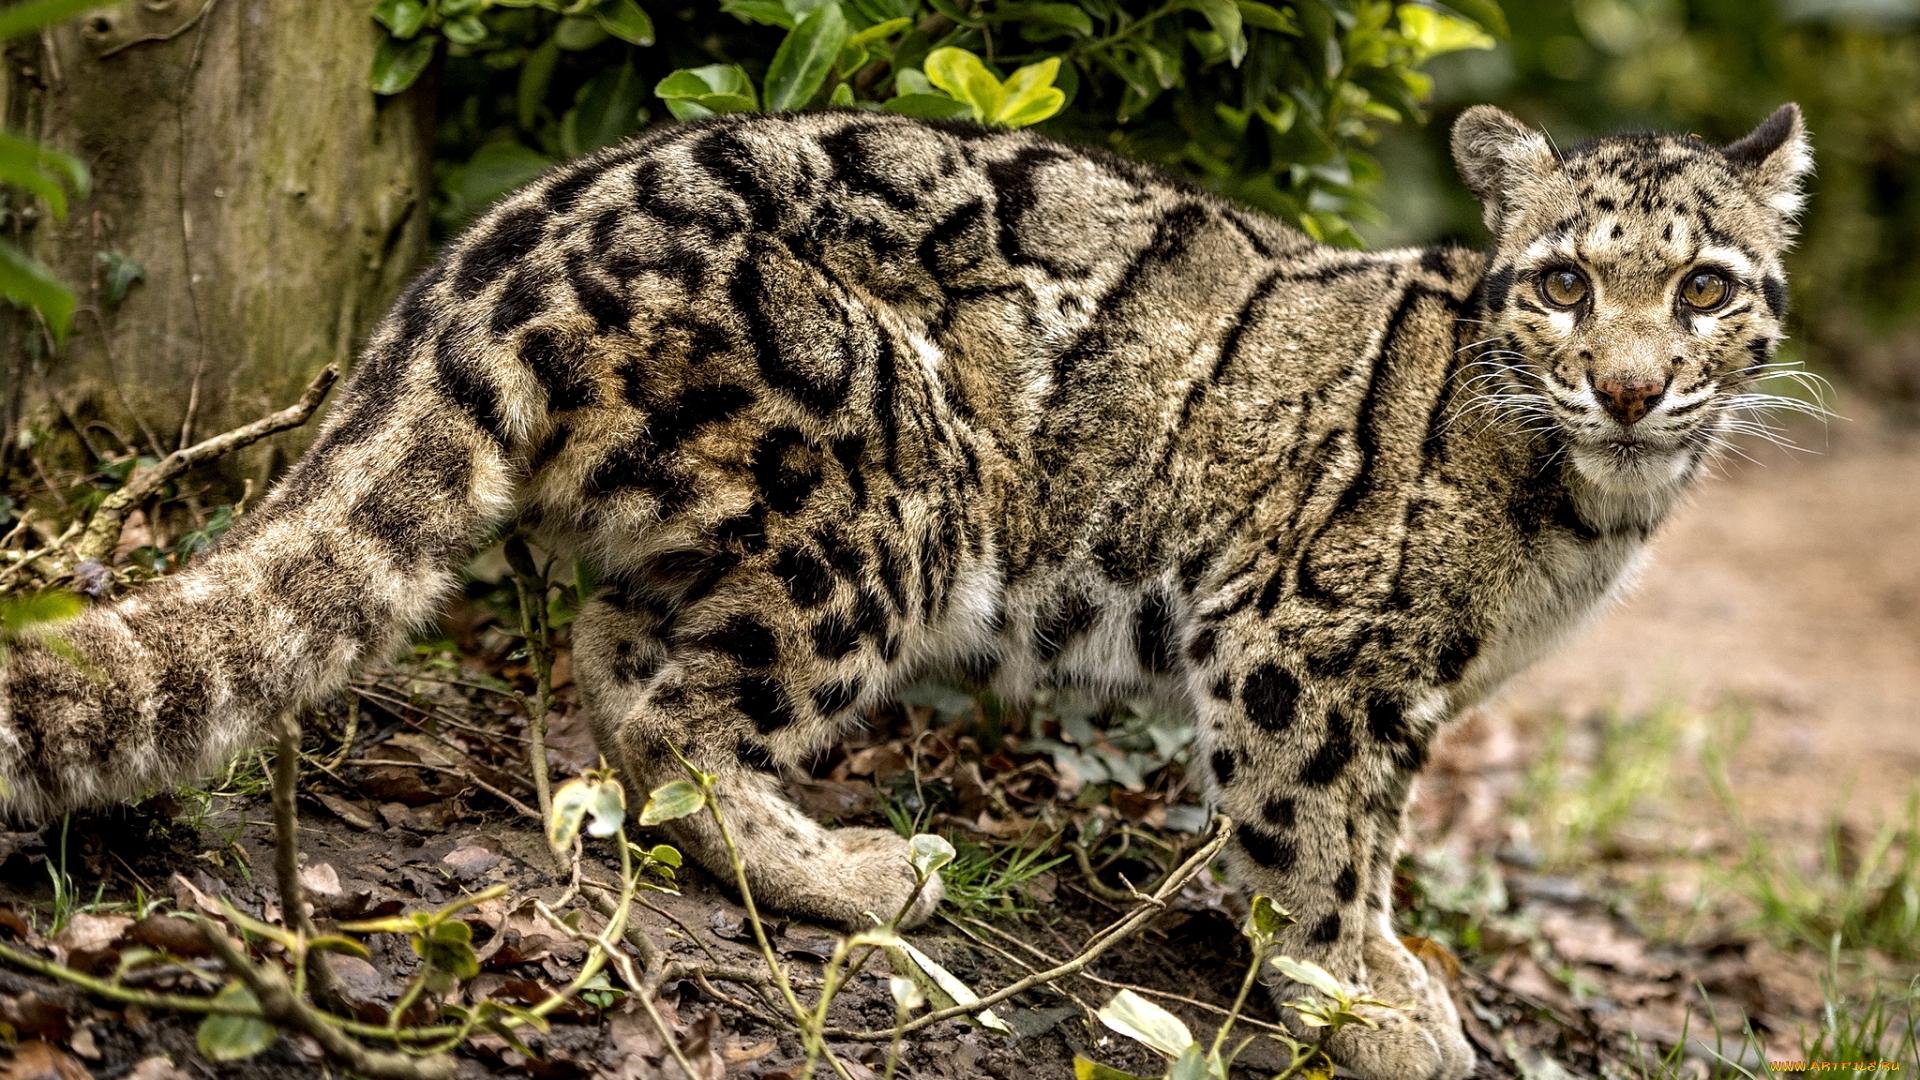 мужчины разделись самые лучшие фото диких кошек технике бумагопластика